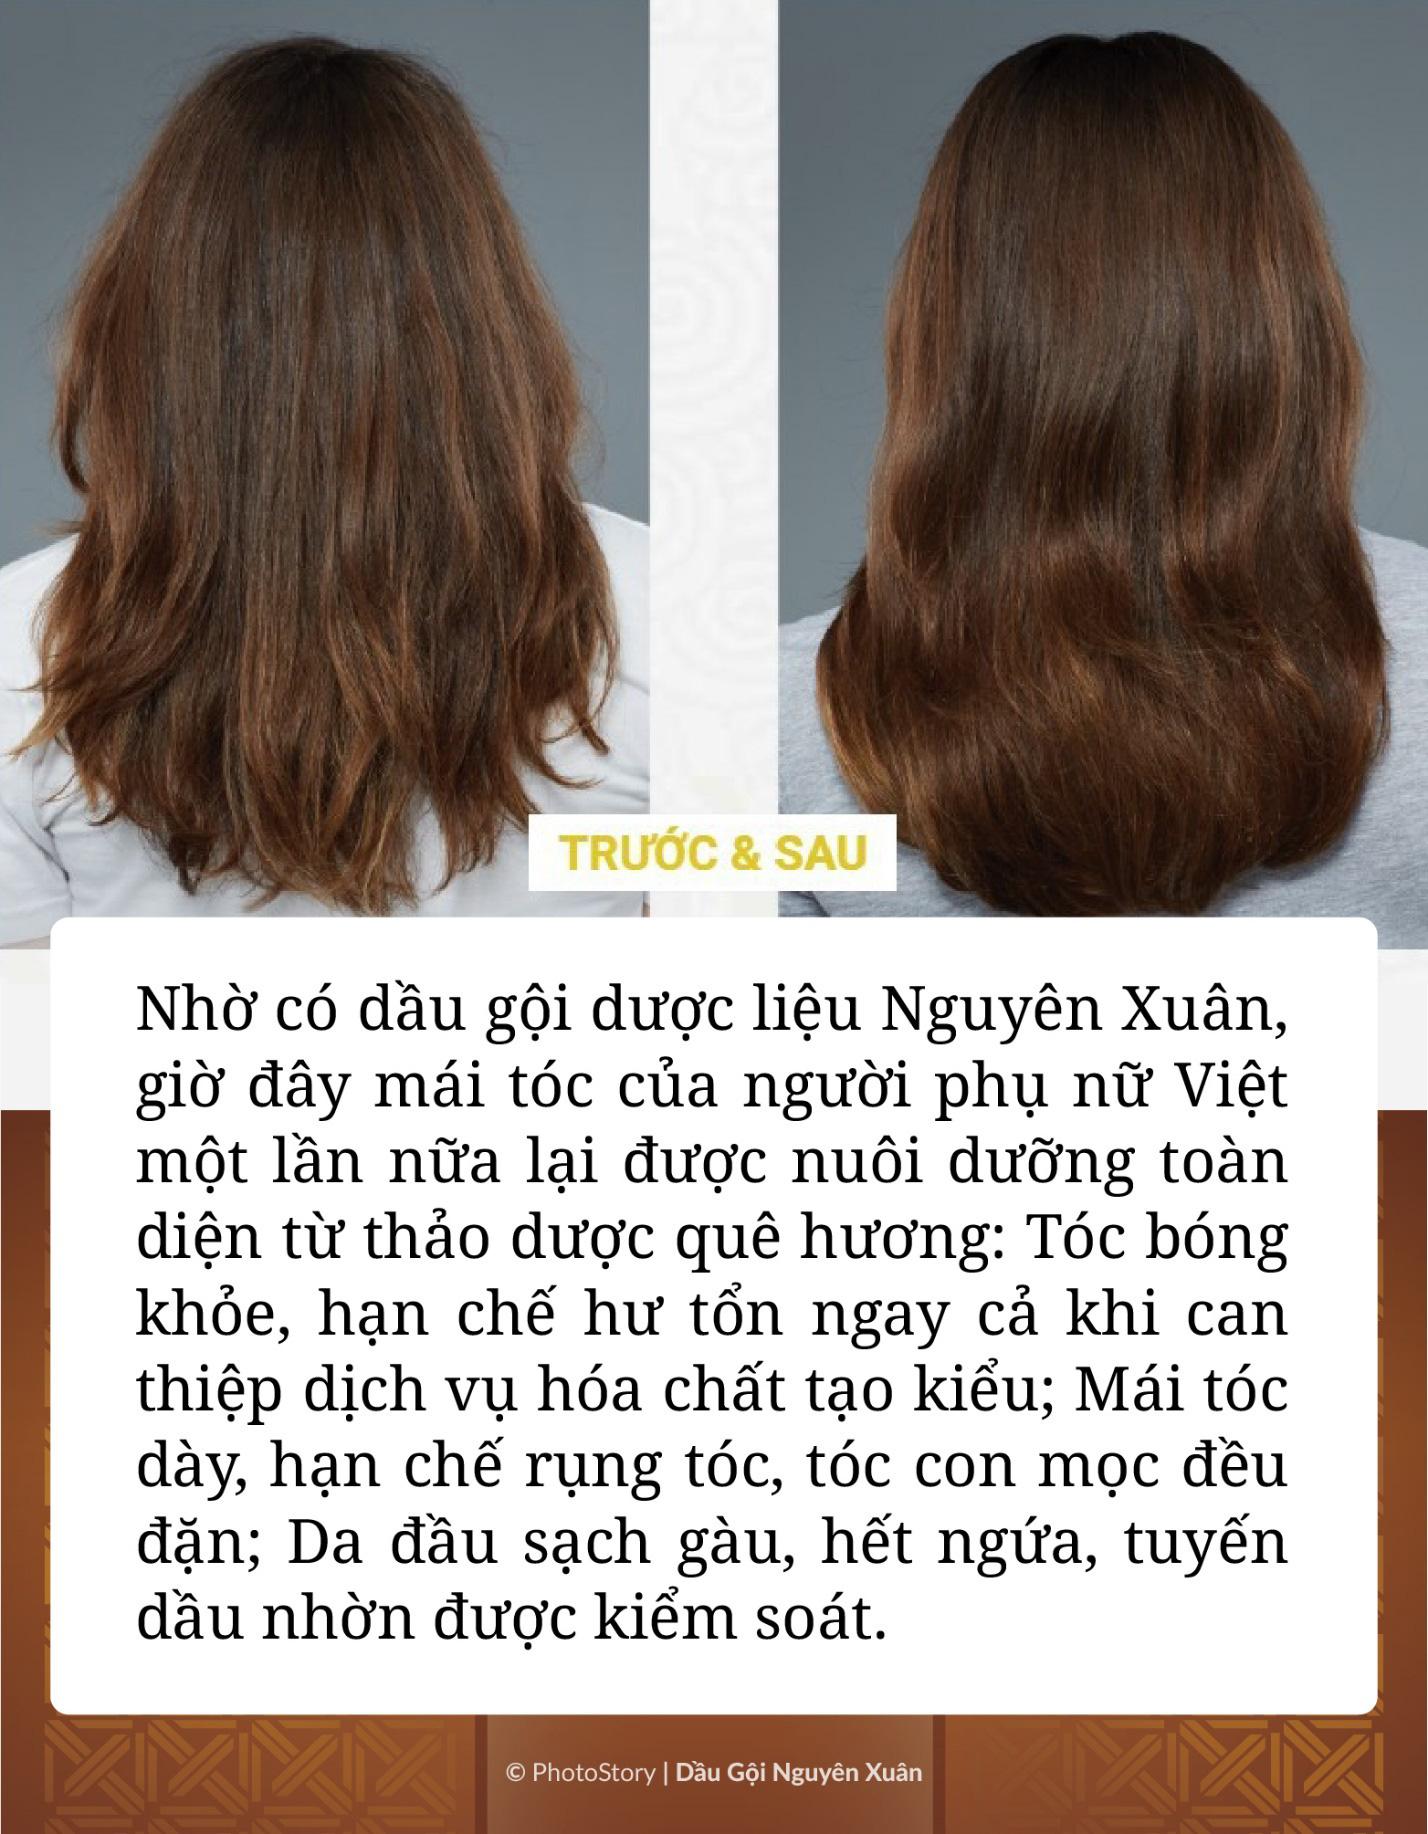 Khám phá nồi nước gội đầu và bí quyết sở hữu mái tóc đẹp dài đen mượt như của bà của mẹ ngày xưa - Ảnh 7.